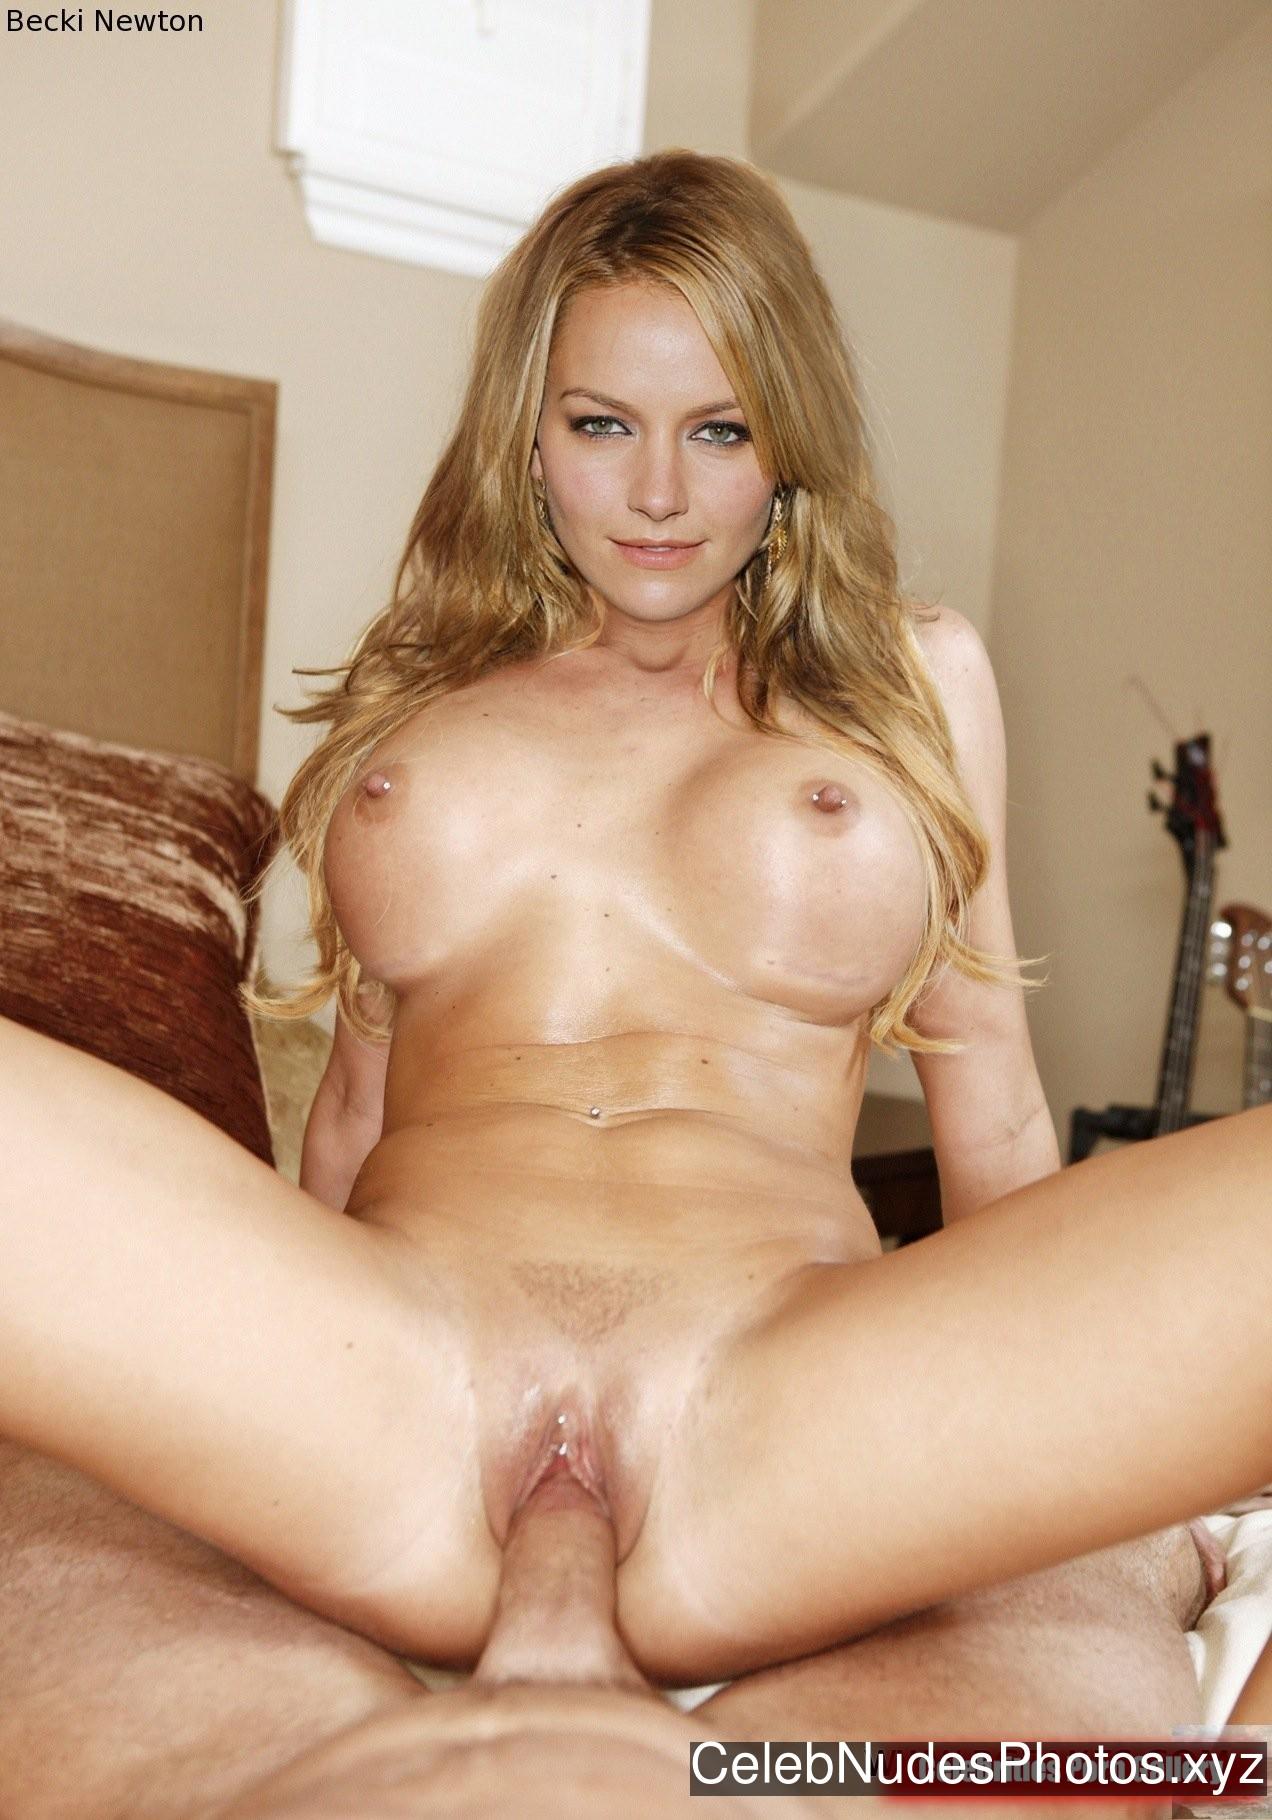 Becki Newton Nude Celeb Pic sexy 4